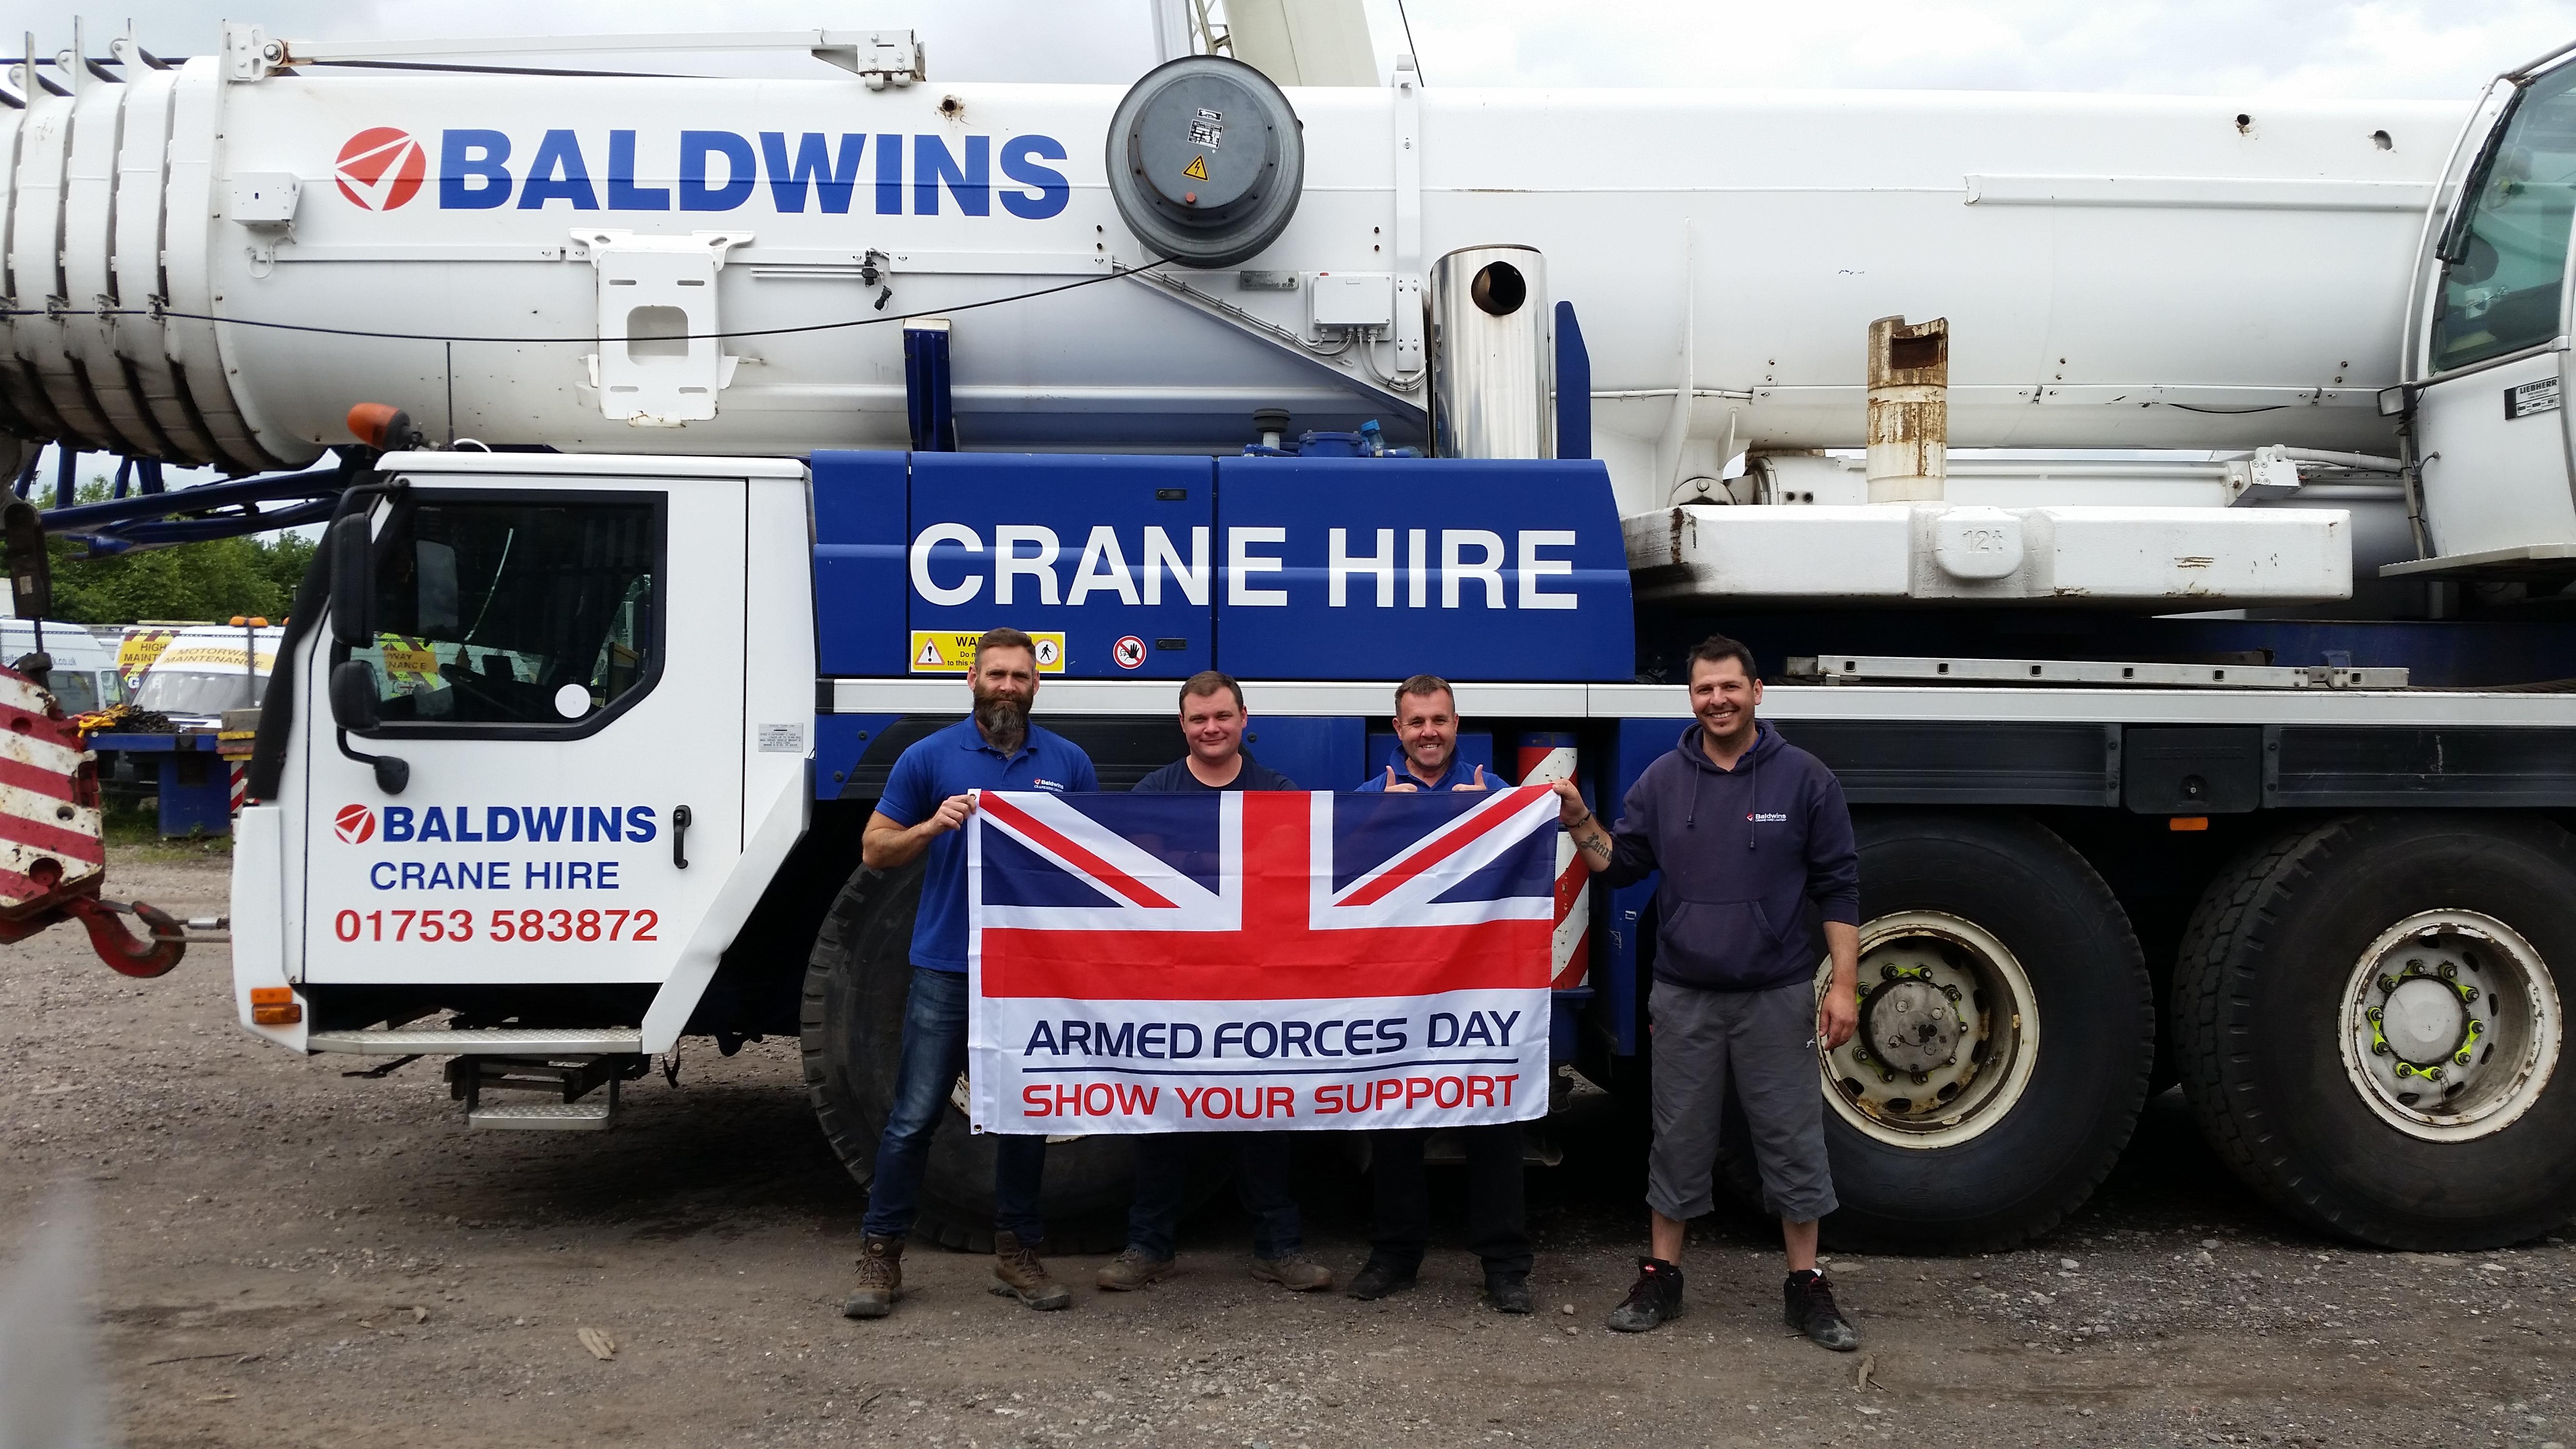 Baldwins Crane Hire Salute our Forces